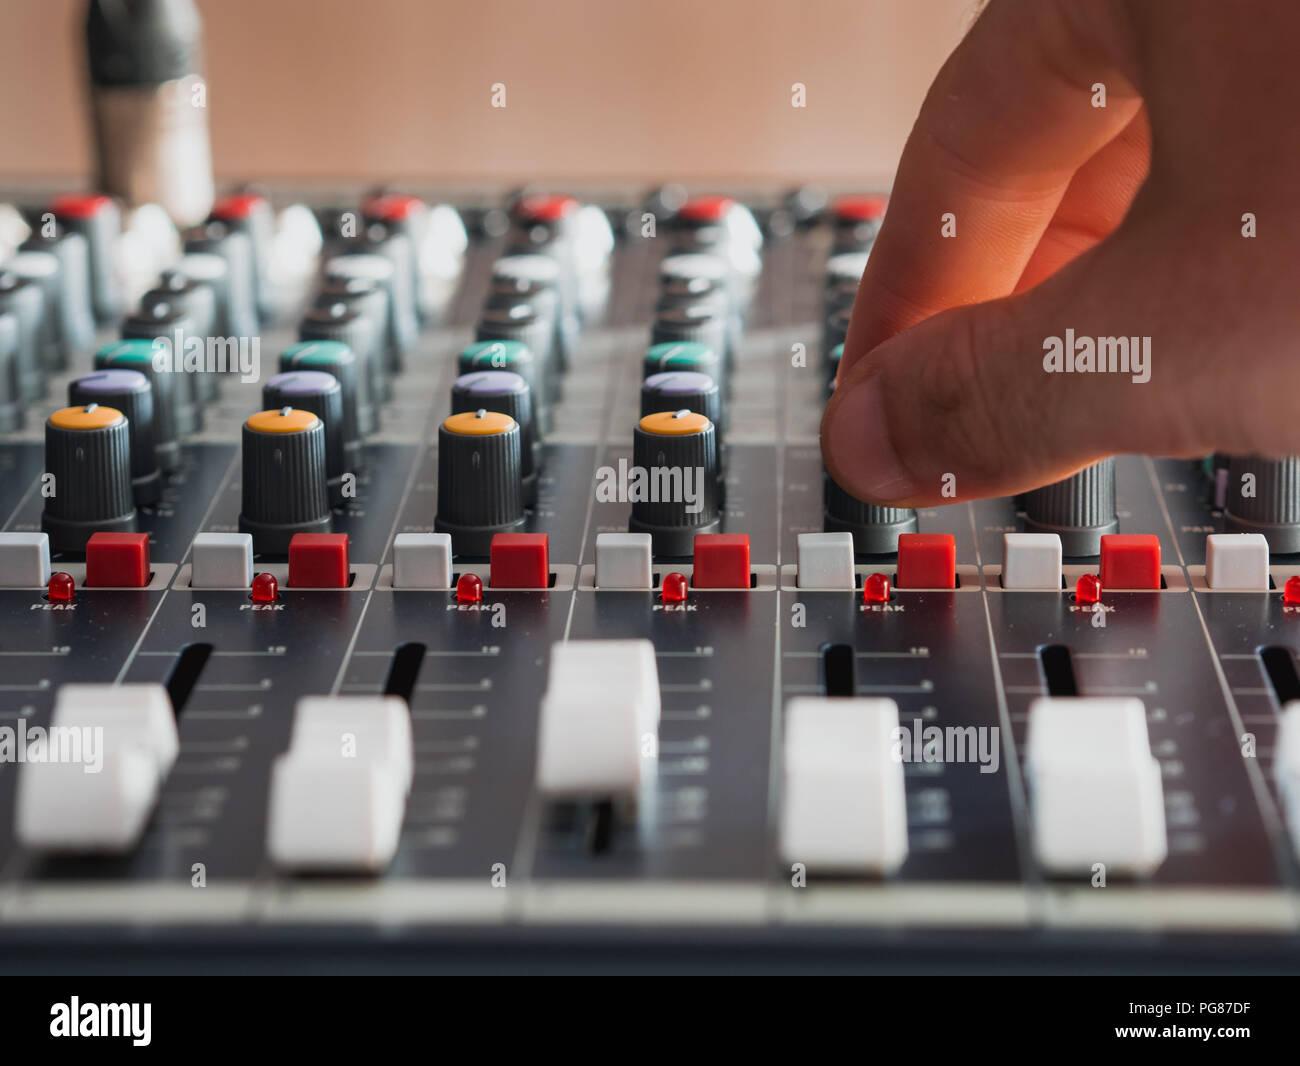 Einstellen der Tasten auf Audio Mixer im Music Studio close up Stockbild